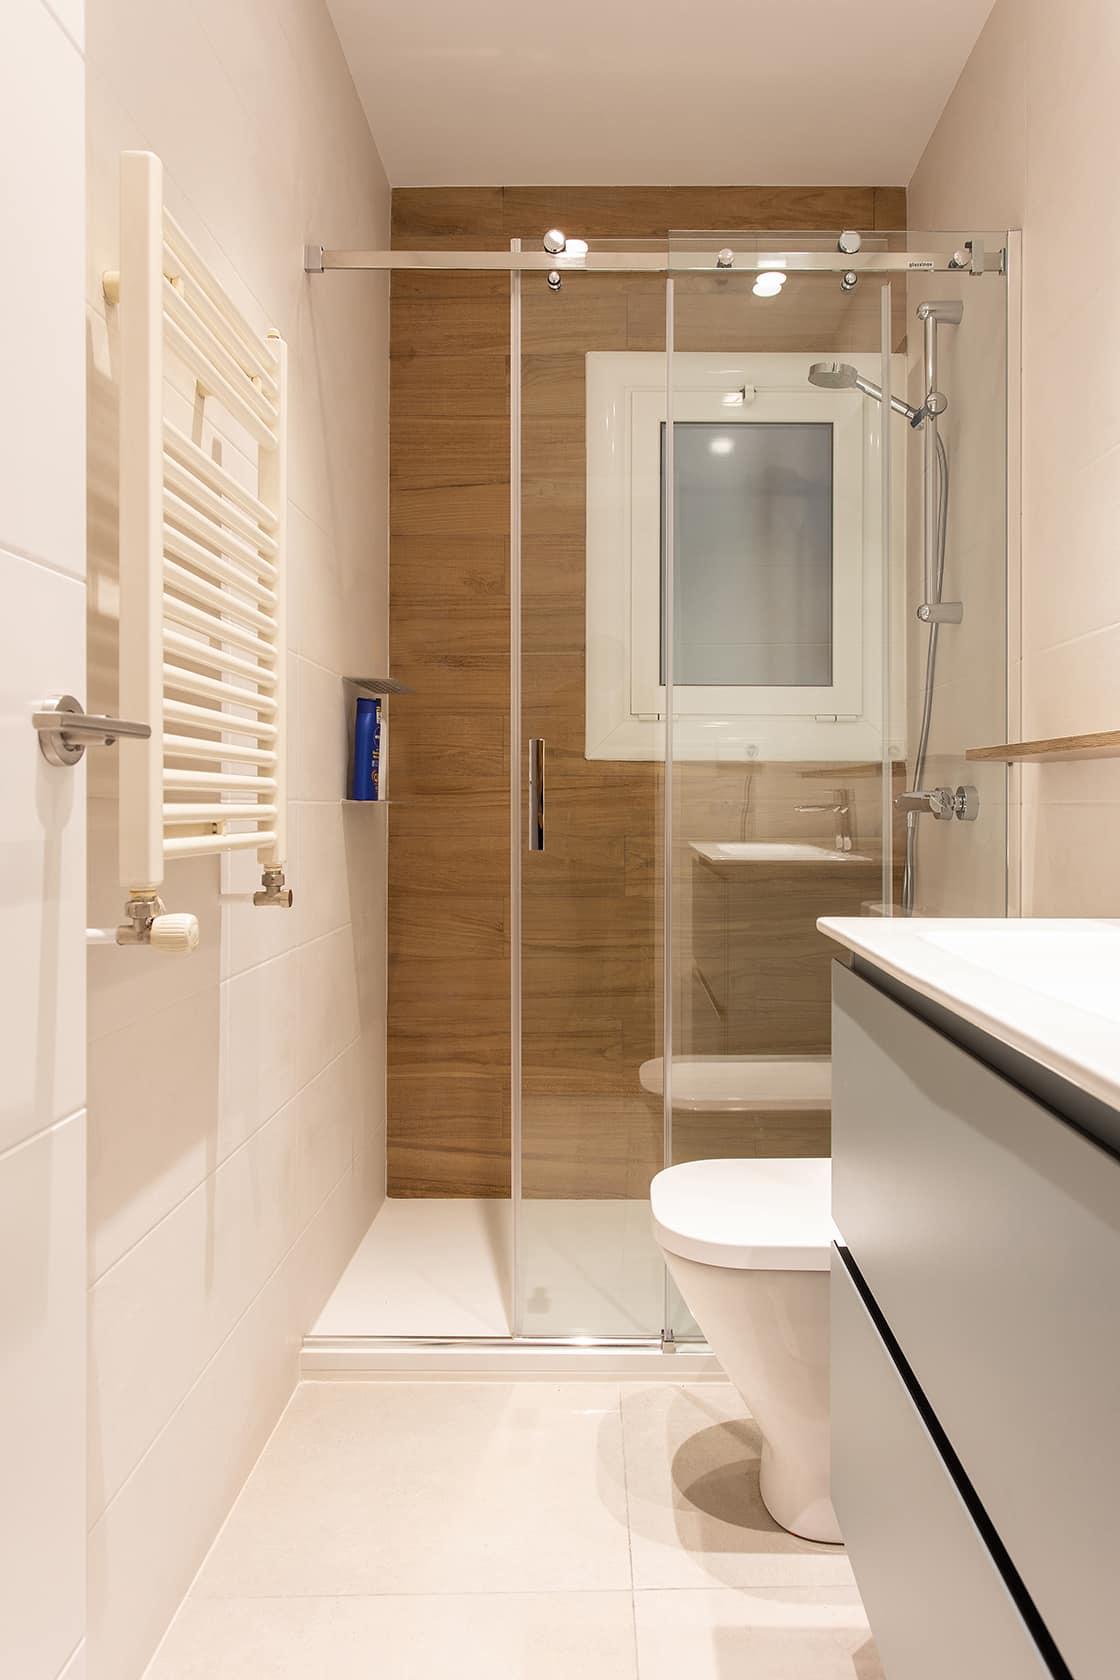 baño nuevo alargado